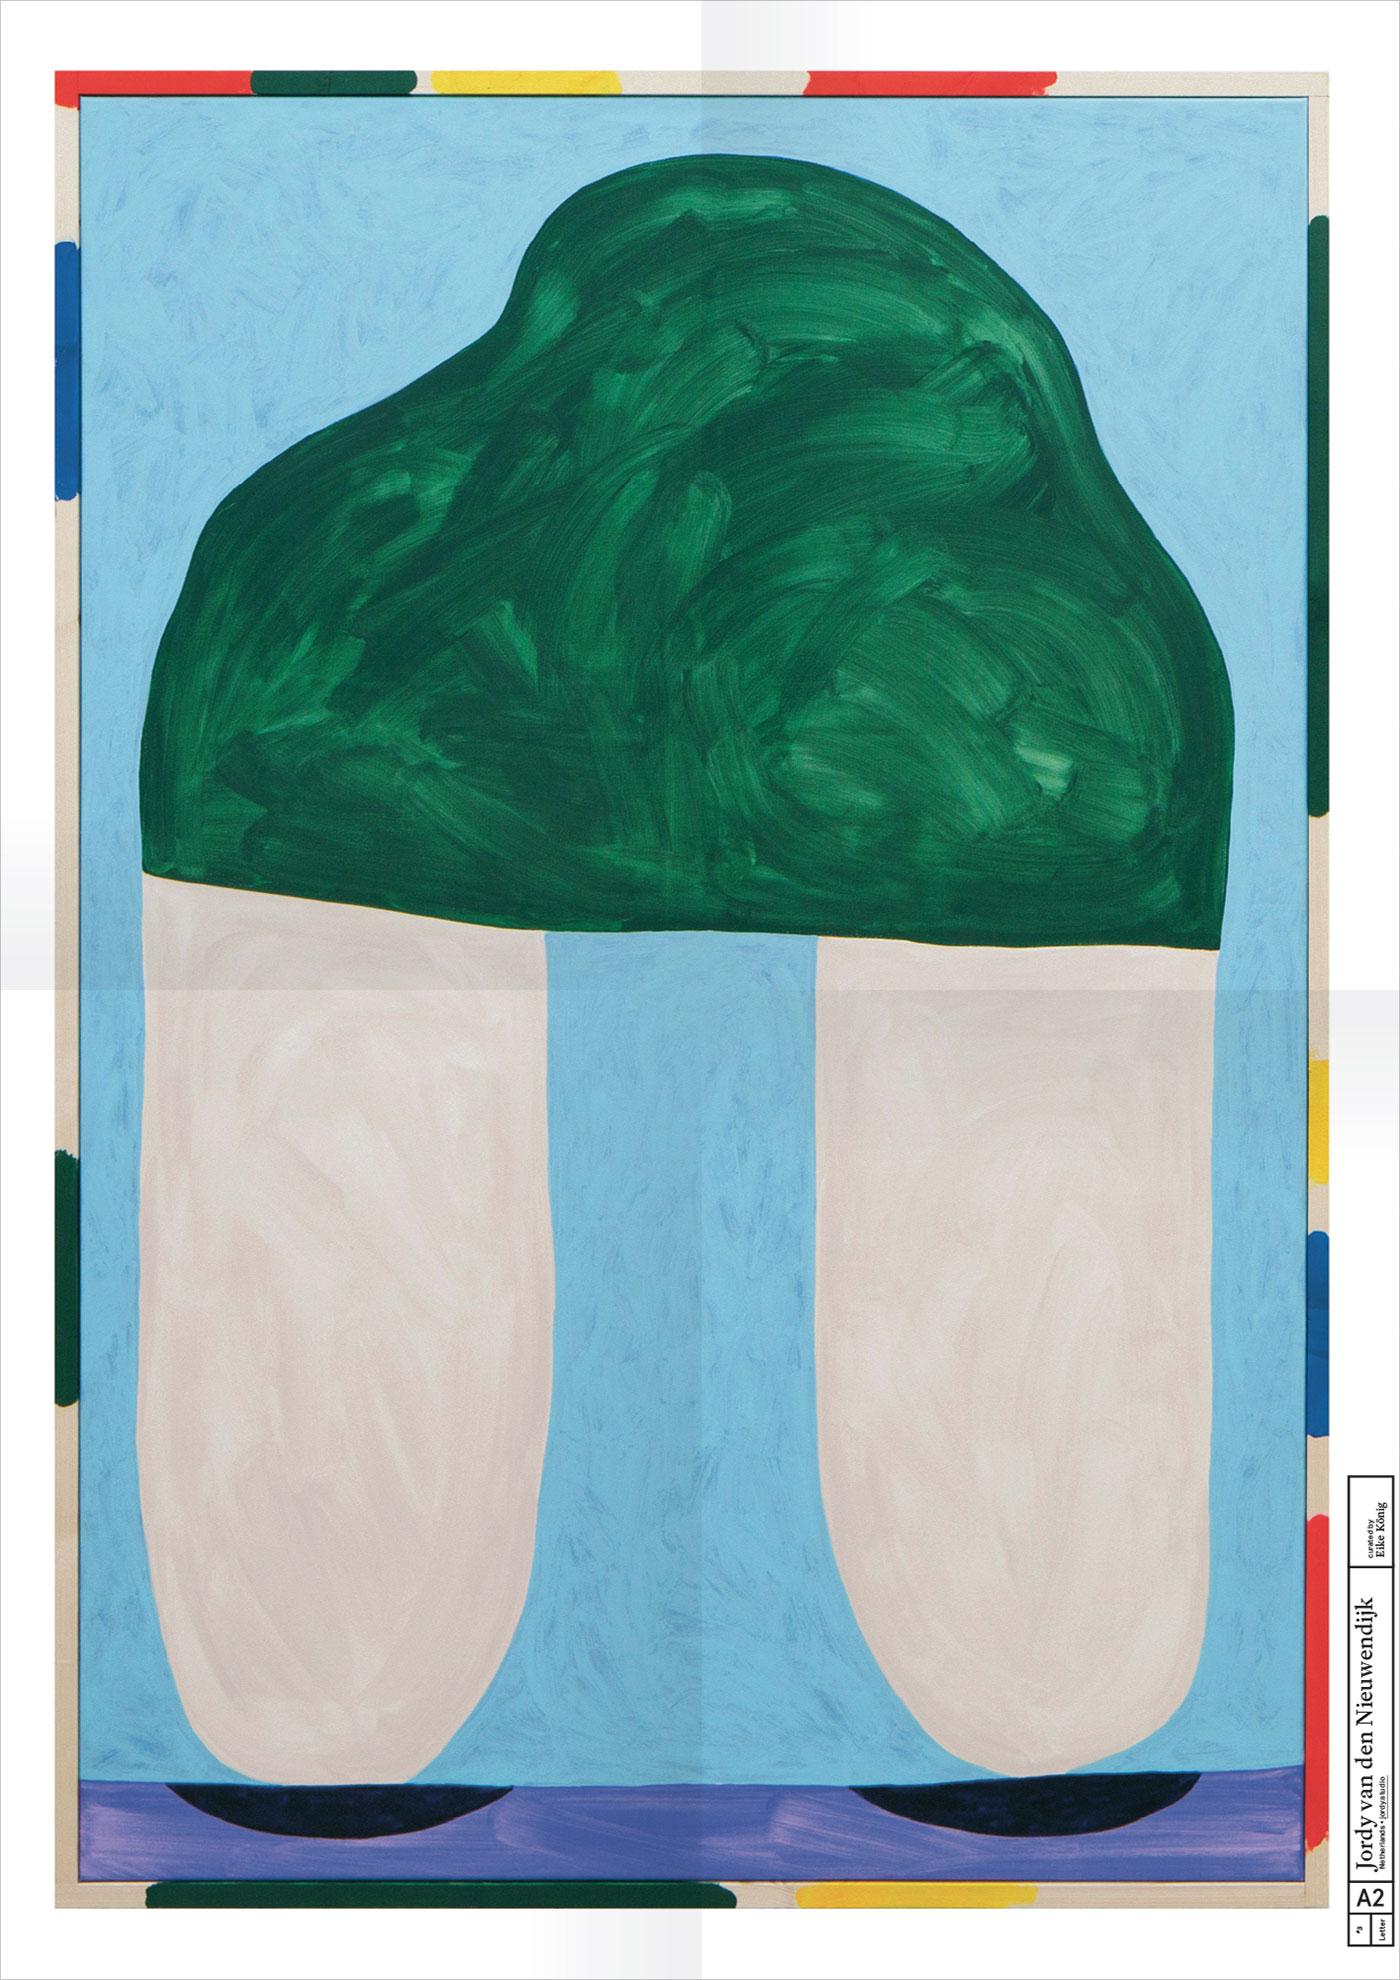 A2 Letter Poster, 002 Jordy Van Den Nieuwendijk  ©Atelier Pol